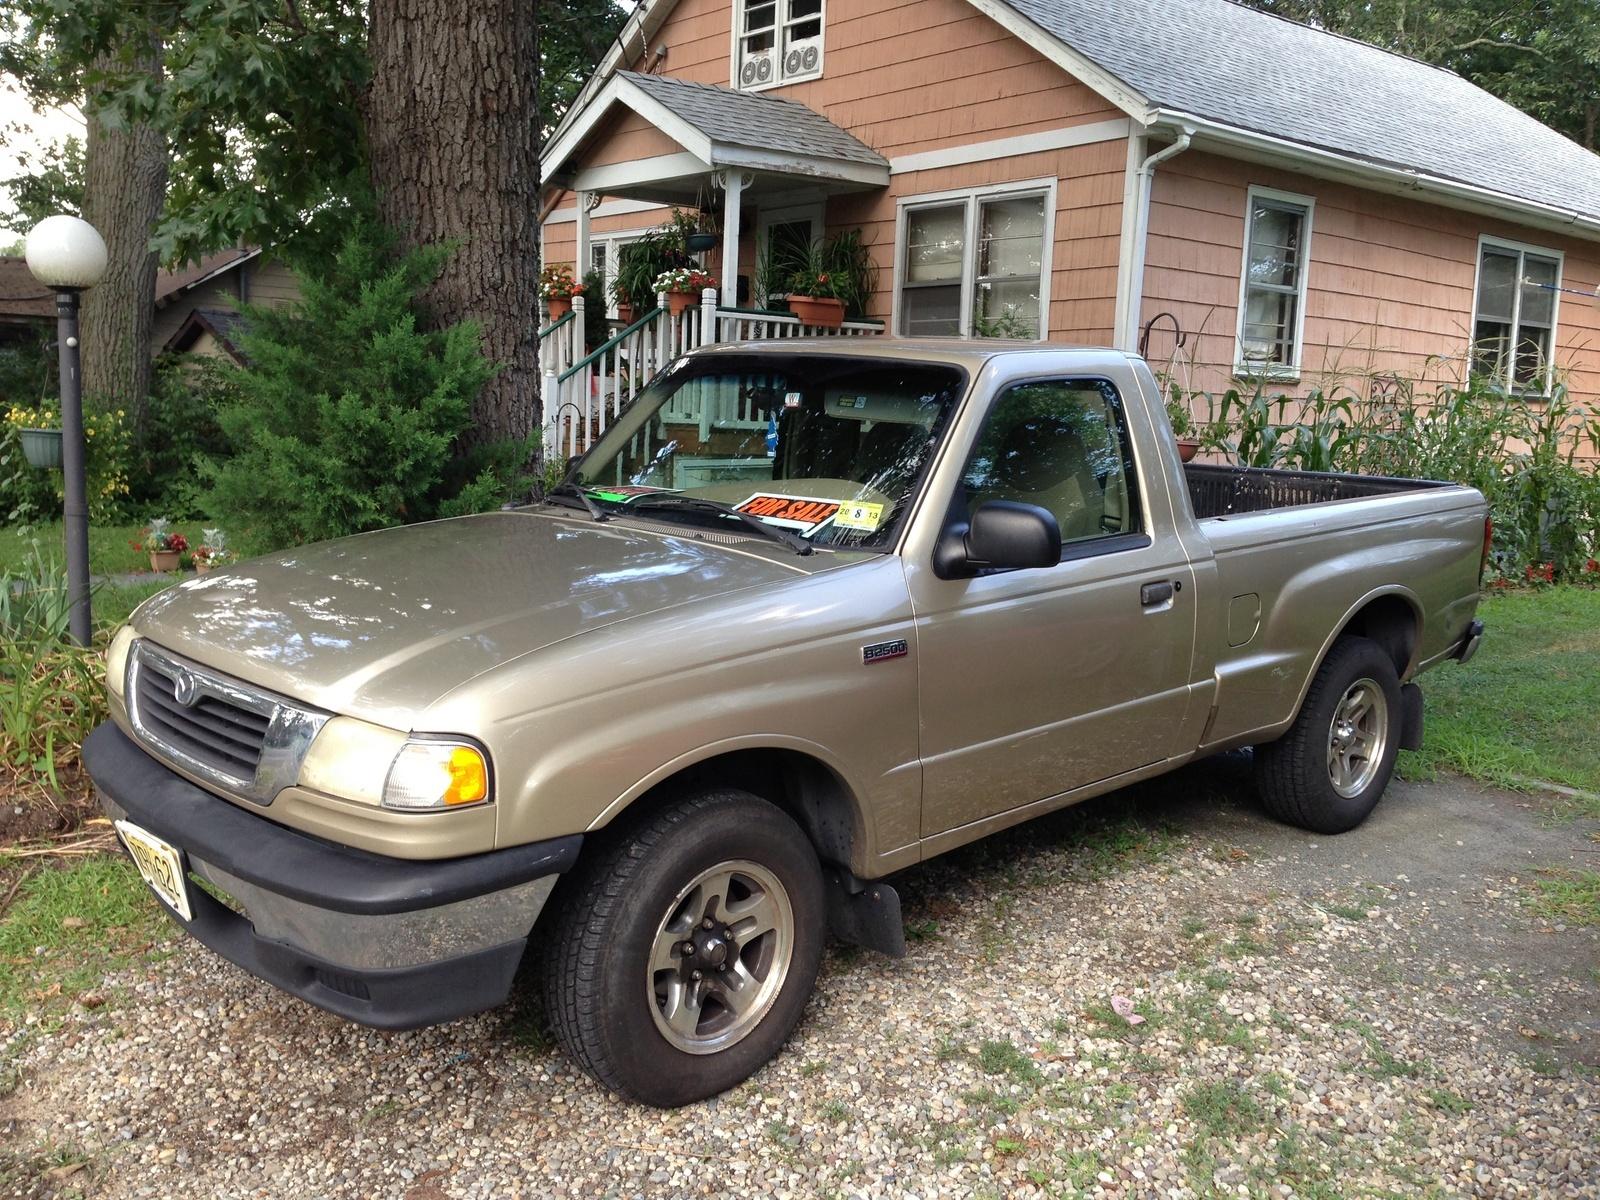 Mazda 2018 Pick Up >> 1999 Mazda B-Series Pickup - Partsopen